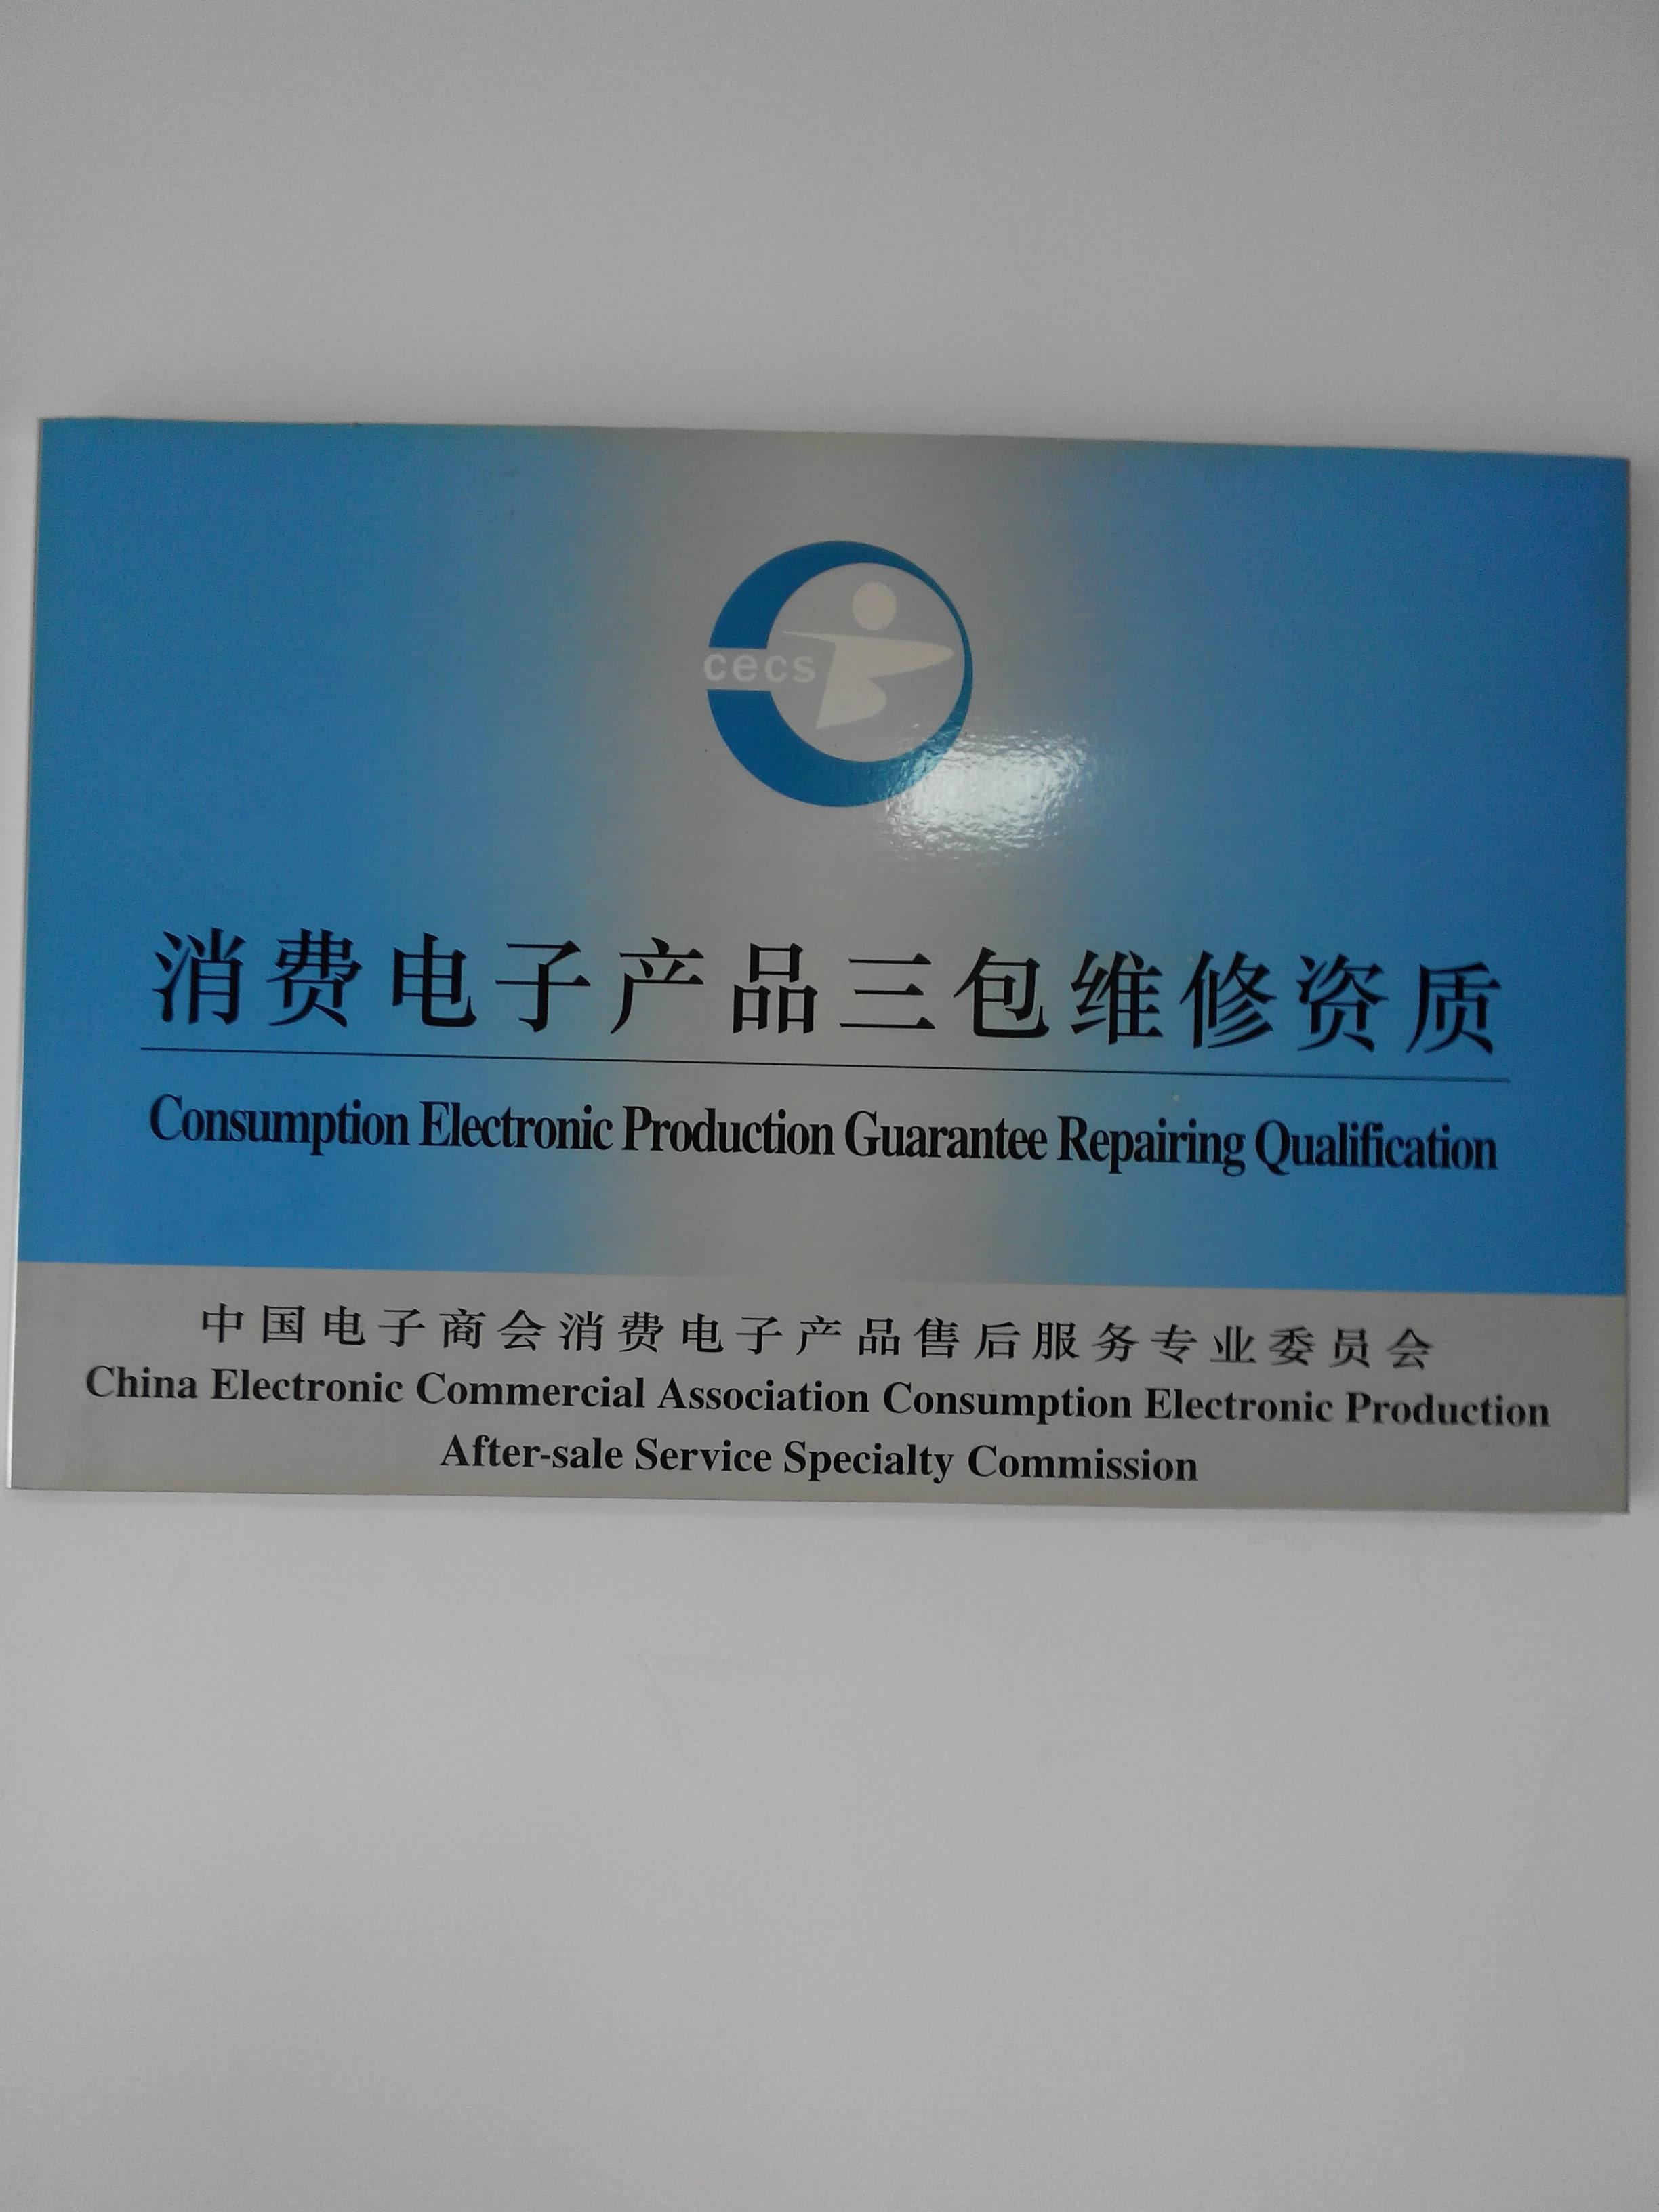 qingdao légtisztító levegő sterilizáló gépek karbantartás karbantartás levegő párologtató a toshiba matsushita, sharpe.